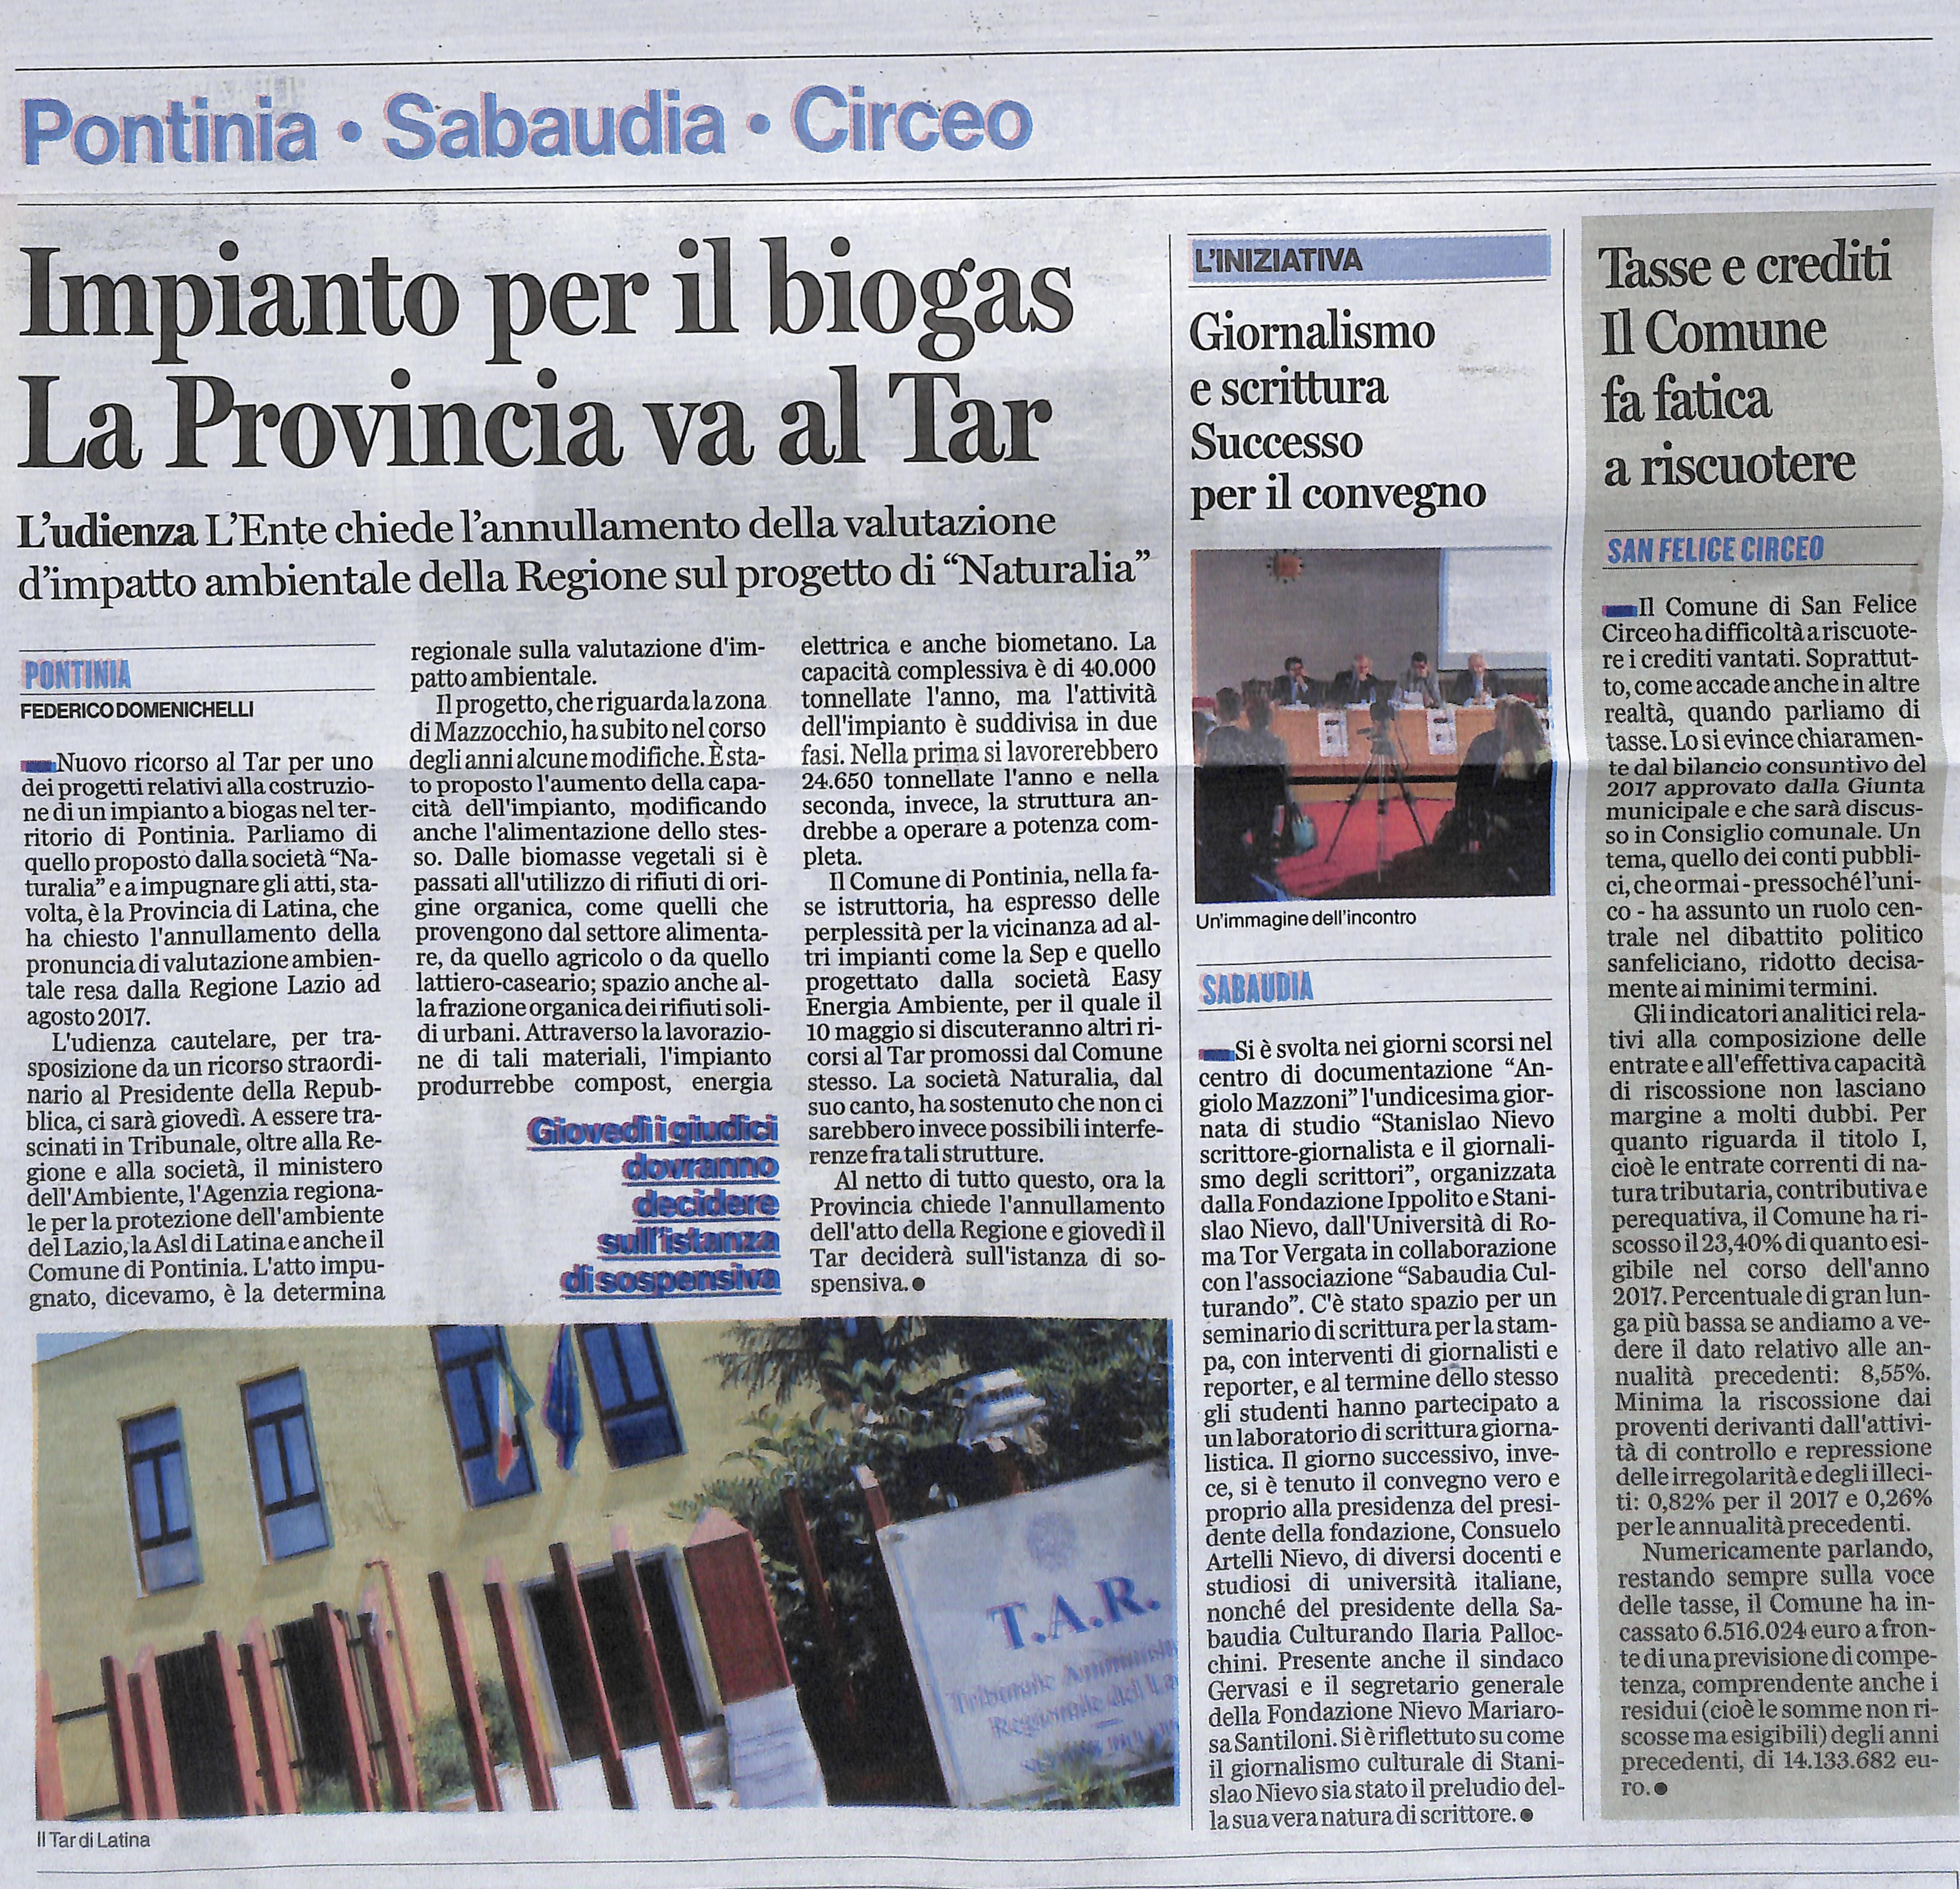 GIORNALISMO E SCRITTURA SUCCESSO PER IL CONVEGNO Latina_Editoriale_oggi 7 maggio 2018